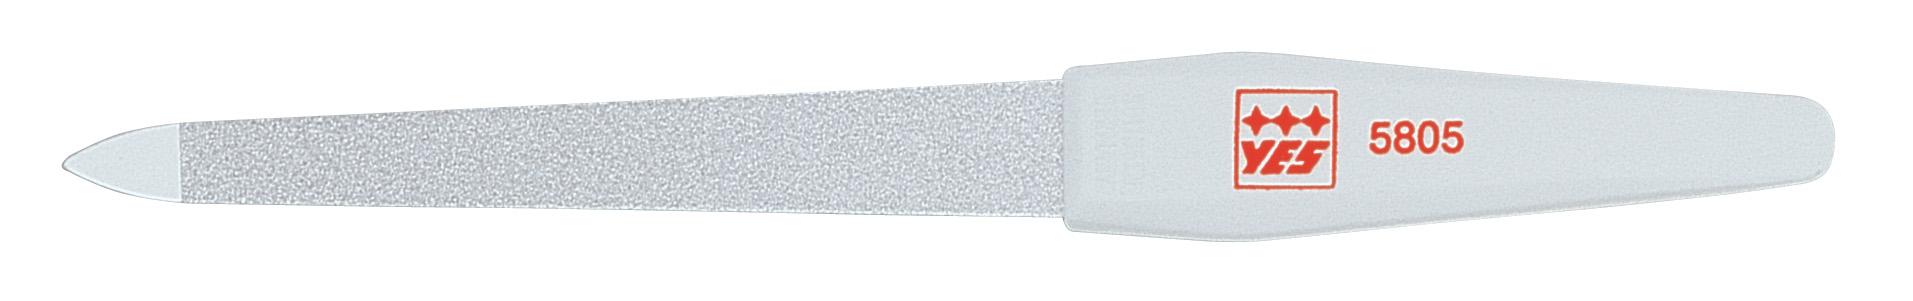 Becker-Manicure YES Пилочка 15см. 95805FA-8115-1 White/greyПилочка для ногтей изготовлена из высокоуглеродистой стали. Пилочка имеет двухстороннее сапфировое напыление: более крупное с одной стороны для формирования формы и мелкое с другой для завершения шлифовки ногтя. Длина пилочки 15 см.Хранить в сухом недоступном для детей месте. Замена изделия не осуществляется в следующих случаях:- Использование не по назначению- Самостоятельный ремонт- Нарушение условий хранения